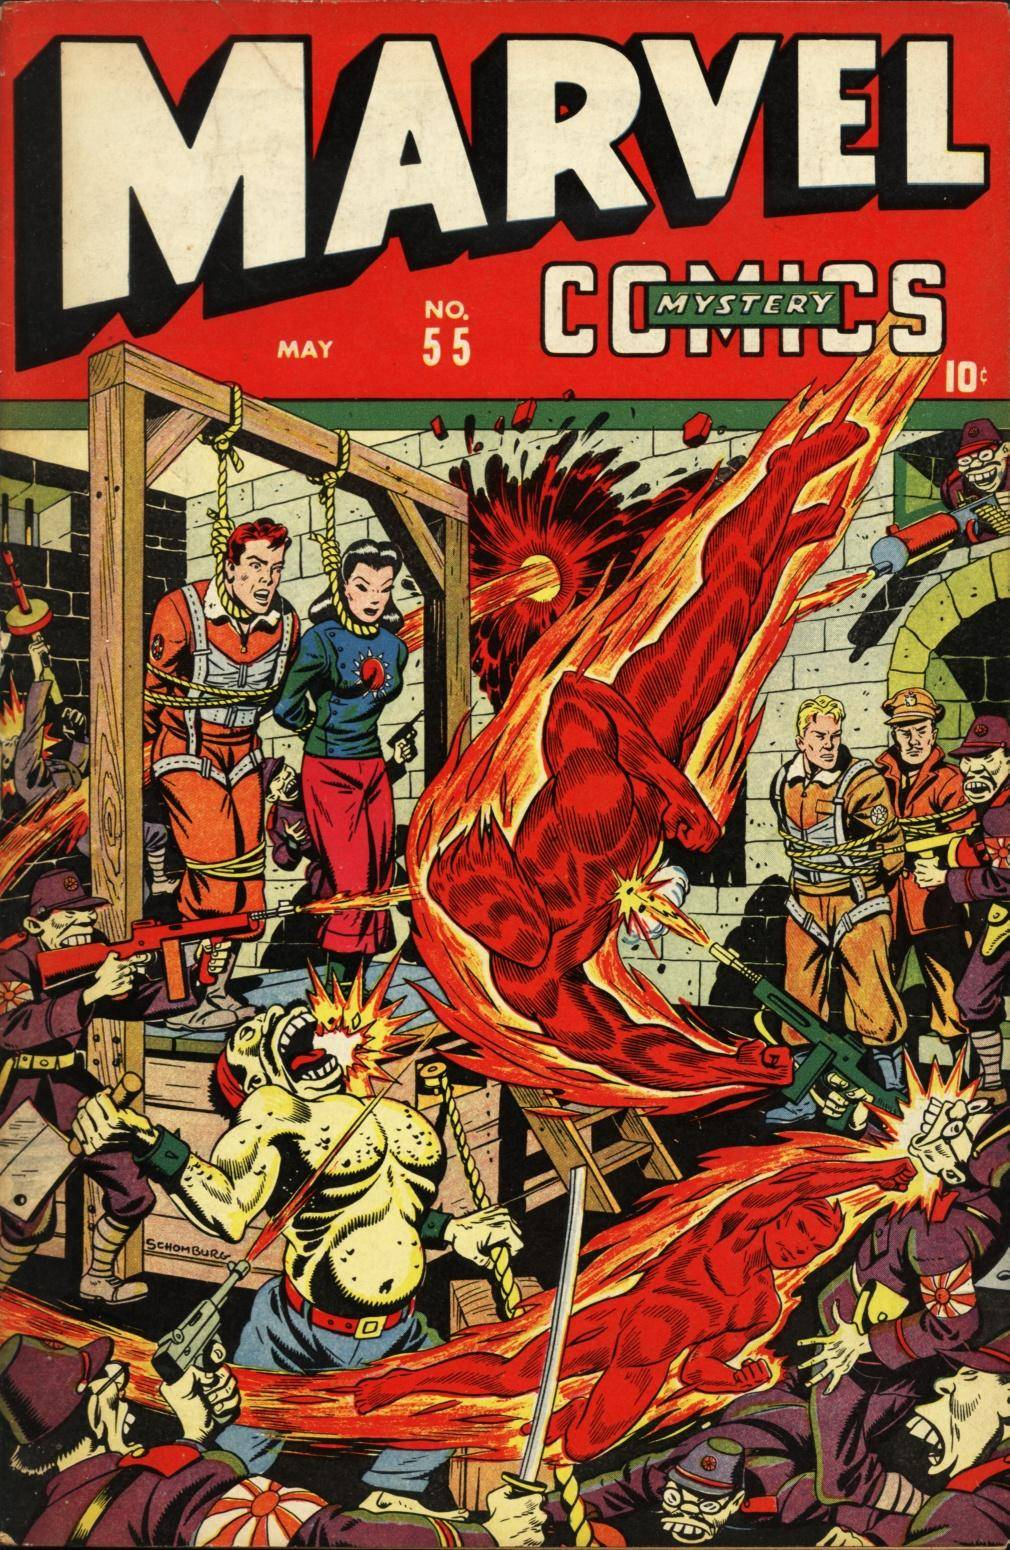 Marvel Mystery Comics v1 055